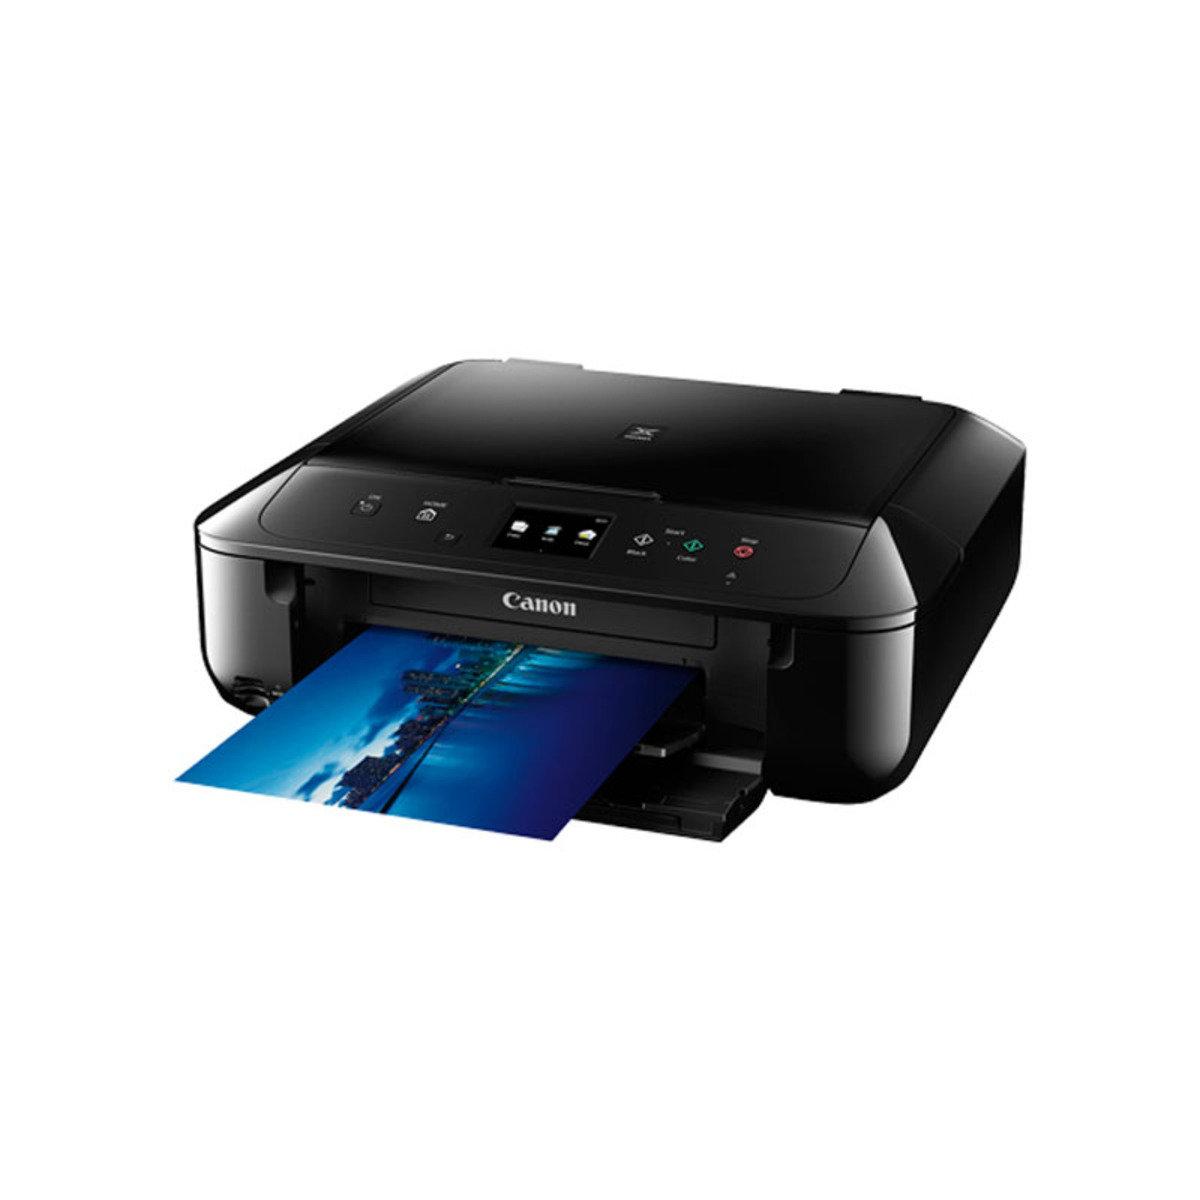 彩色打印 掃瞄 影印 多合一噴墨相片打印機 MG6870 黑色